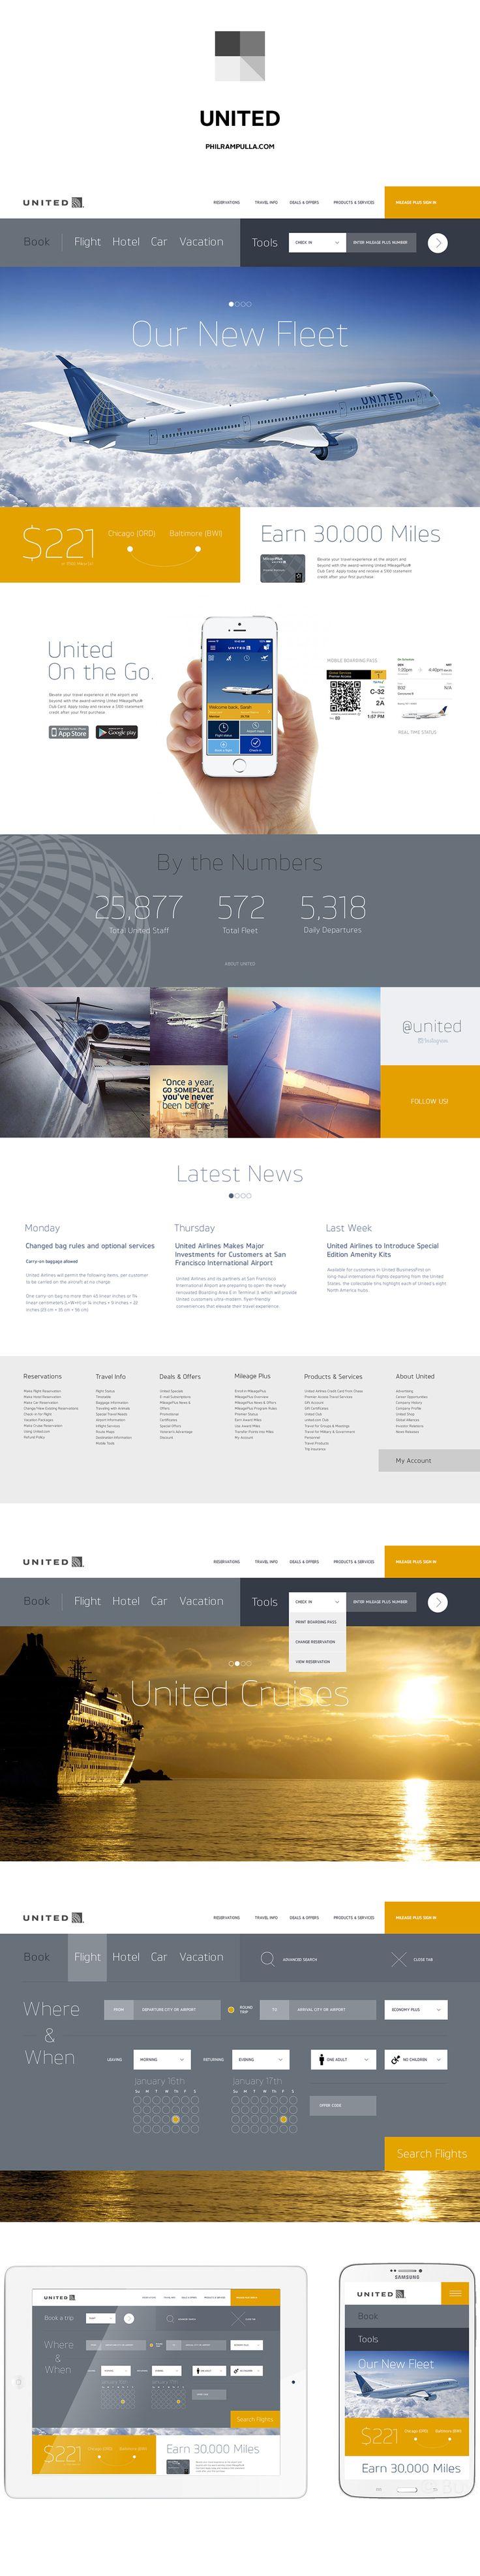 유나이티드 항공 Behance에 웹 사이트 재 설계